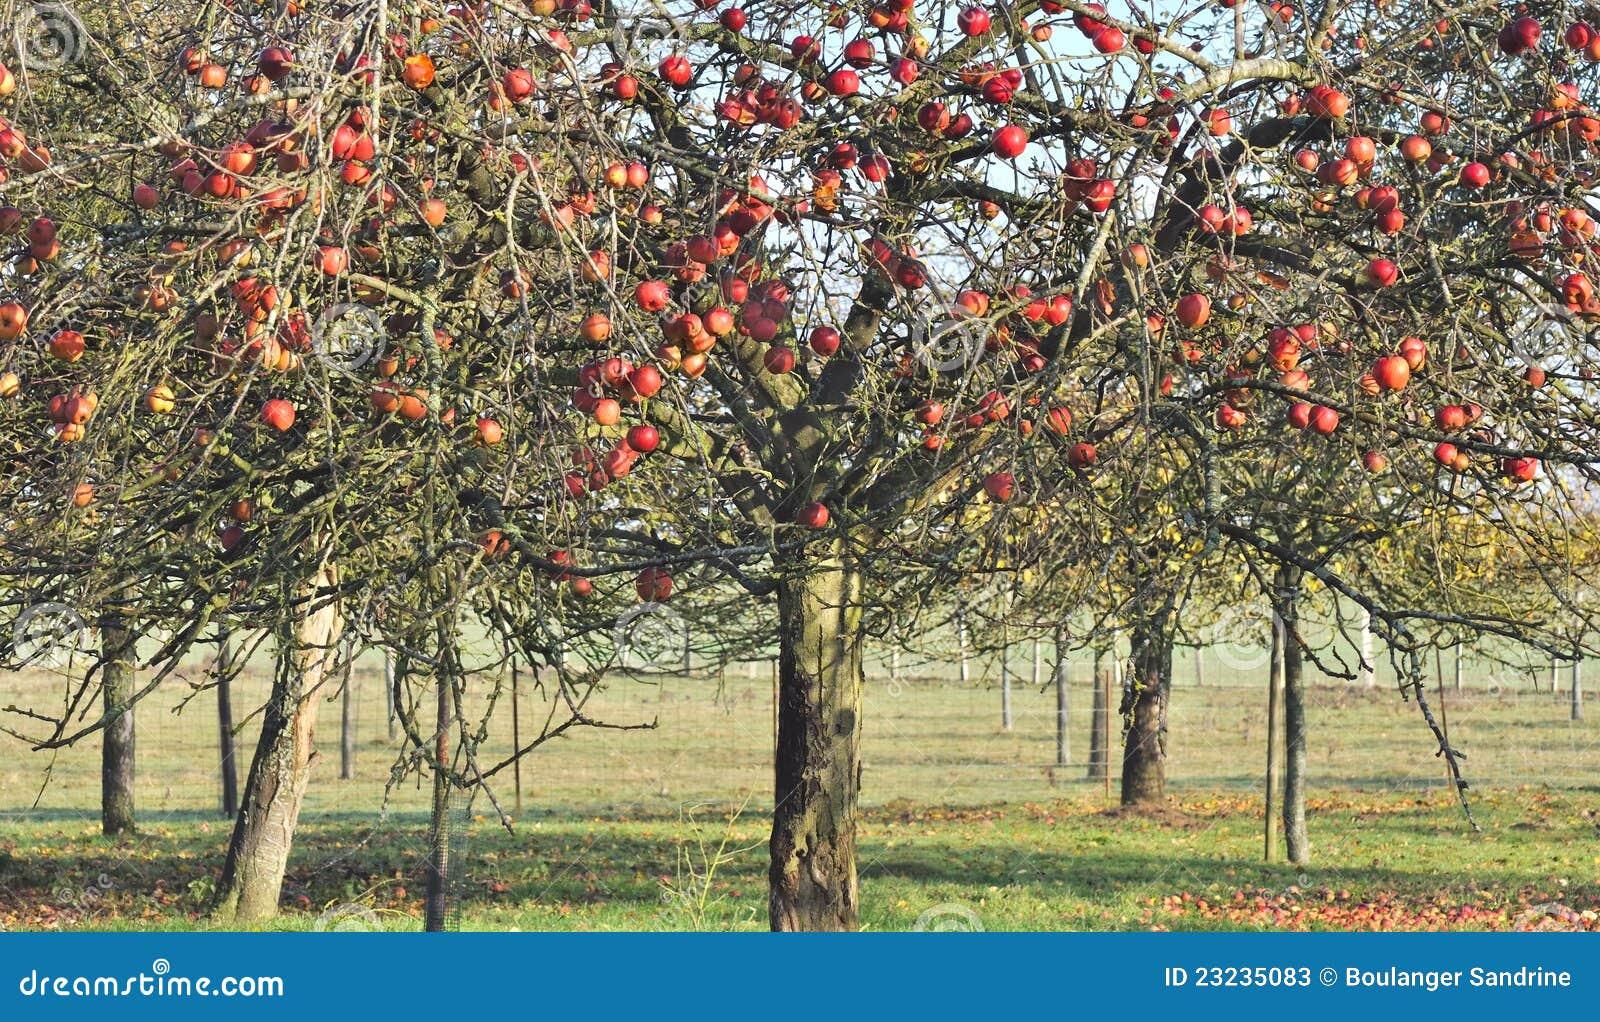 apfelbaum im herbst stockbild bild von fall twigs zweige 23235083. Black Bedroom Furniture Sets. Home Design Ideas